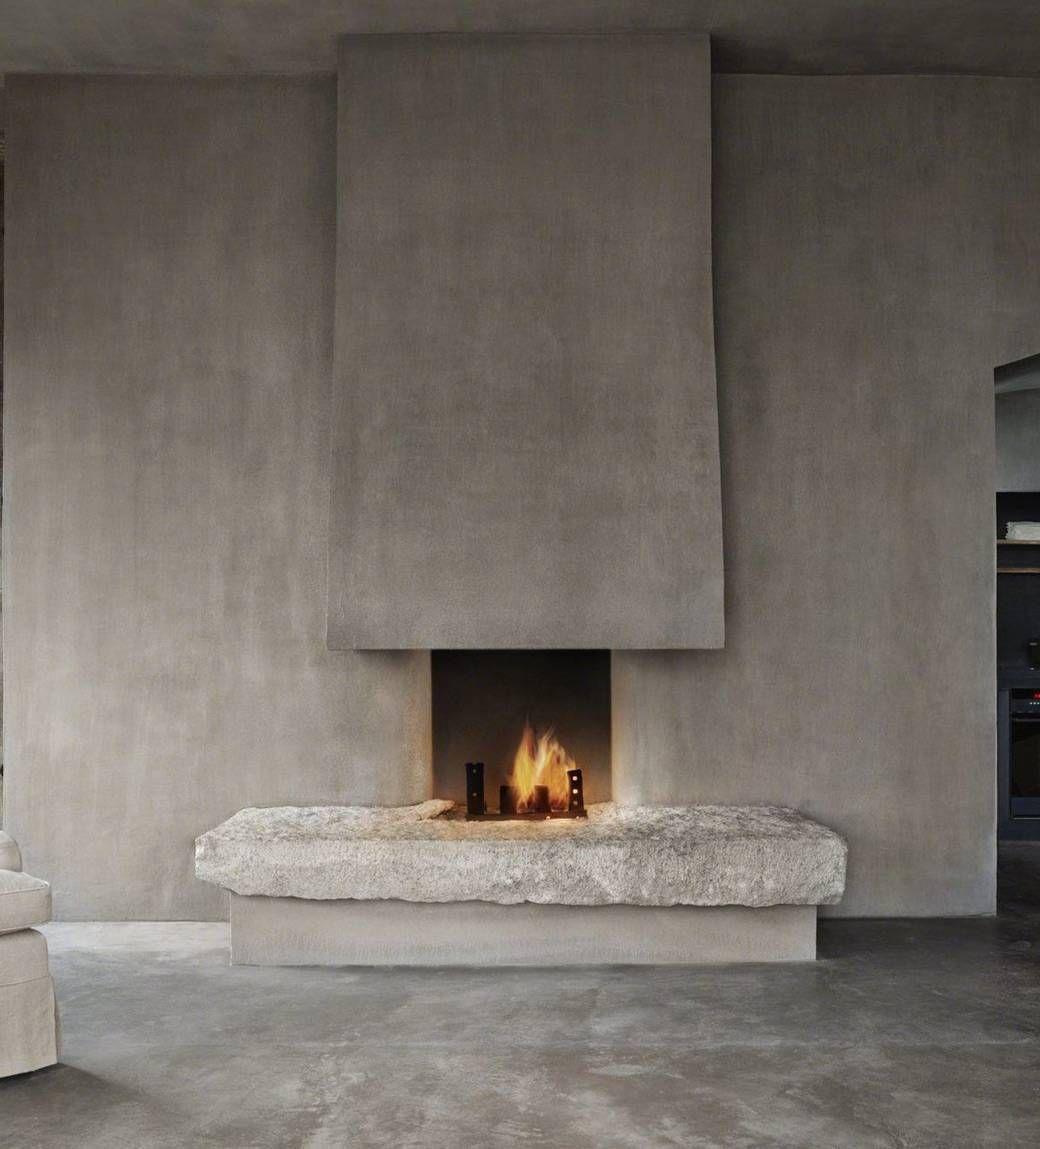 Design ambiente rustico con il camino in cemento che presenta una particolare soglia in pietra di grandi dimensioni